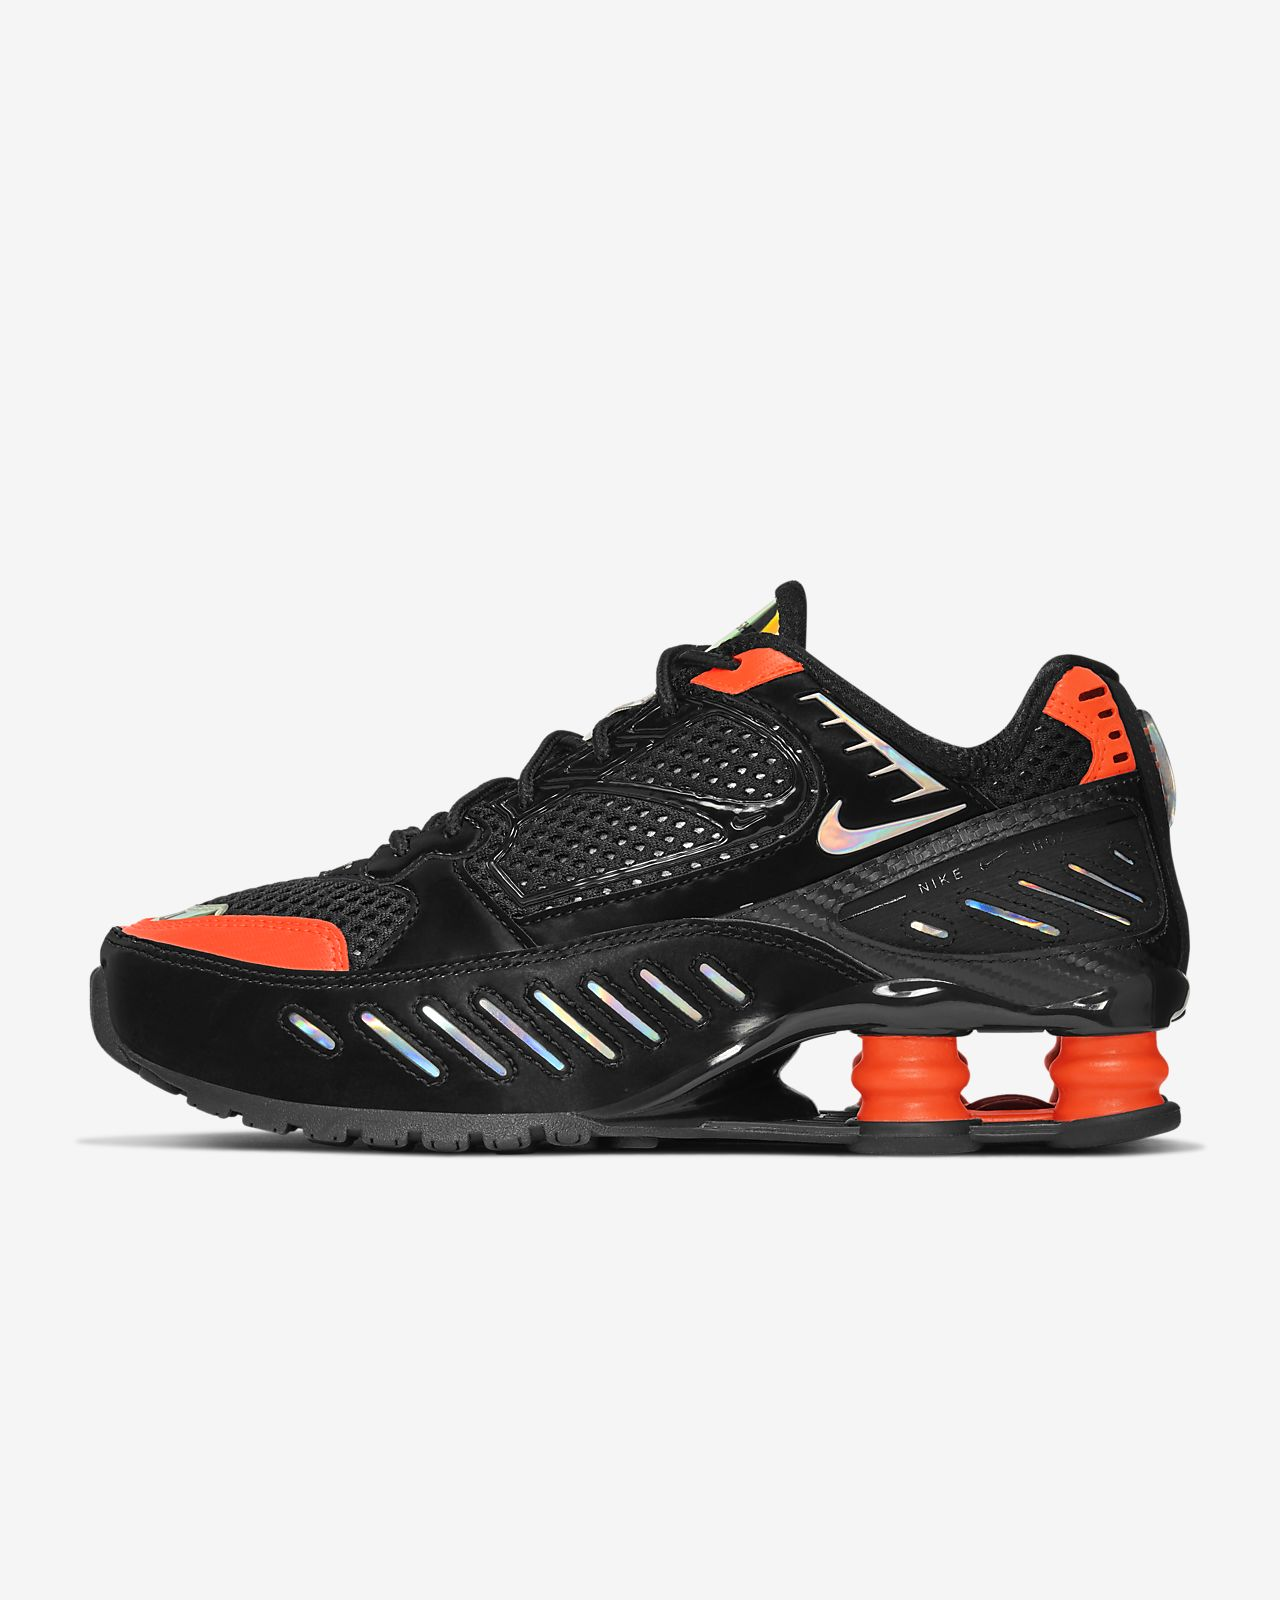 Γυναικείο παπούτσι Nike Shox Enigma 9000